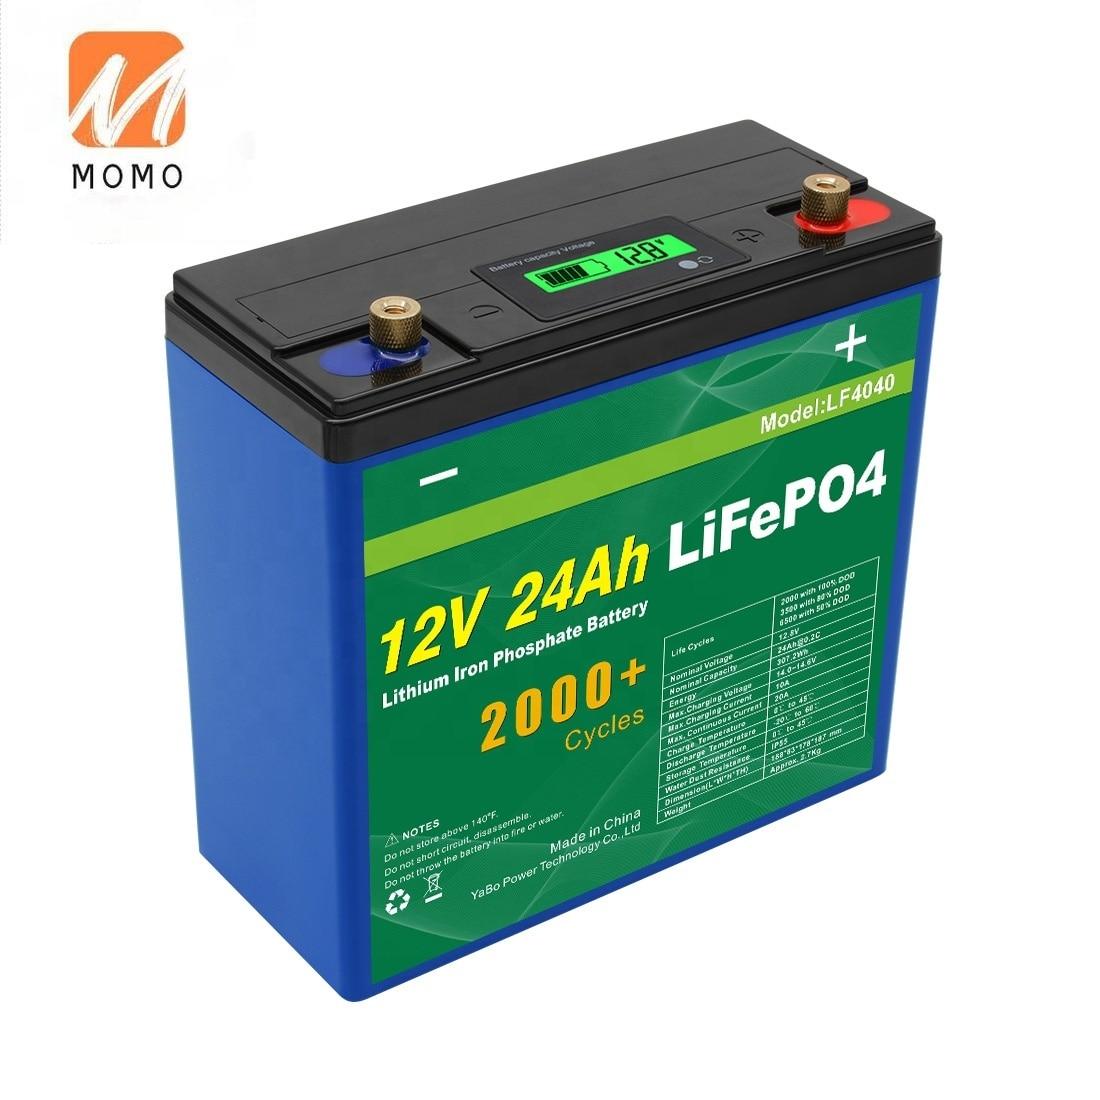 سريع الشحن ليثيوم الحديد الفوسفات Lifepo4 بطارية حزمة 48 فولت 12 فولت 24Ah بطارية أيون الليثيوم لأنظمة تخزين الطاقة الشمسية